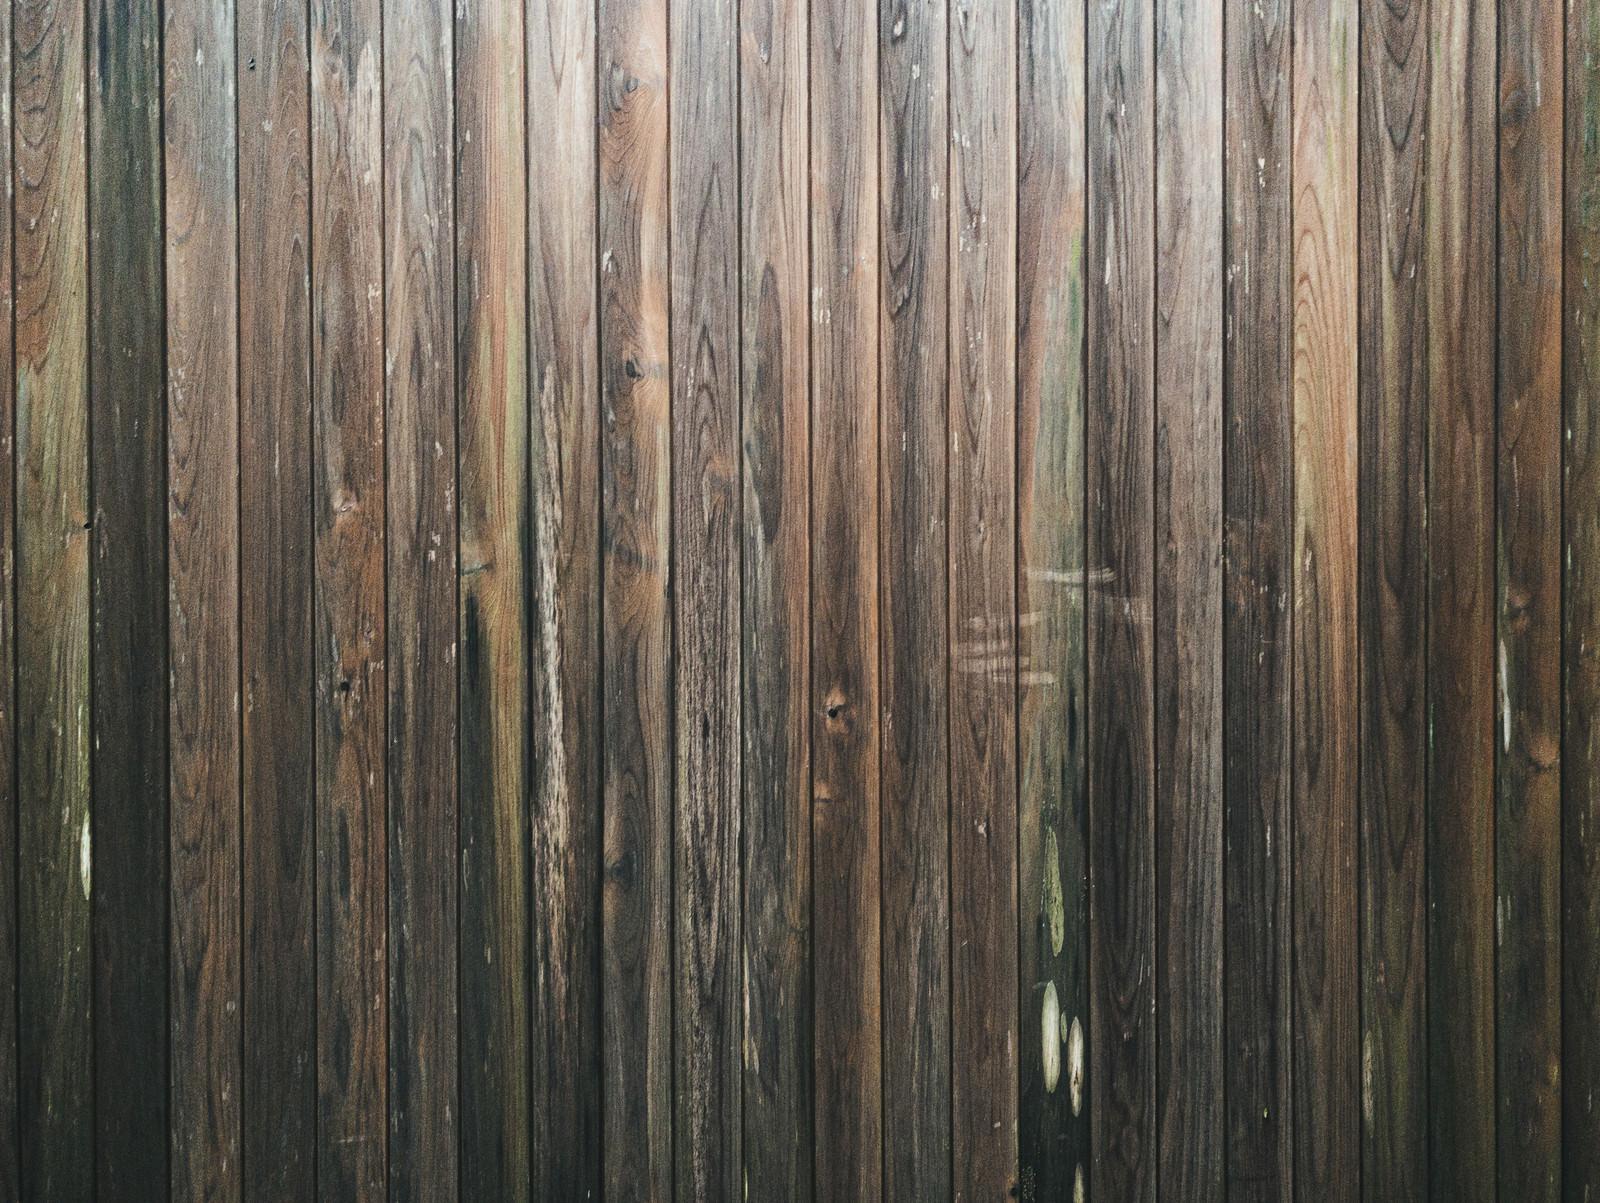 「板を張り詰めた壁(テクスチャ)」の写真